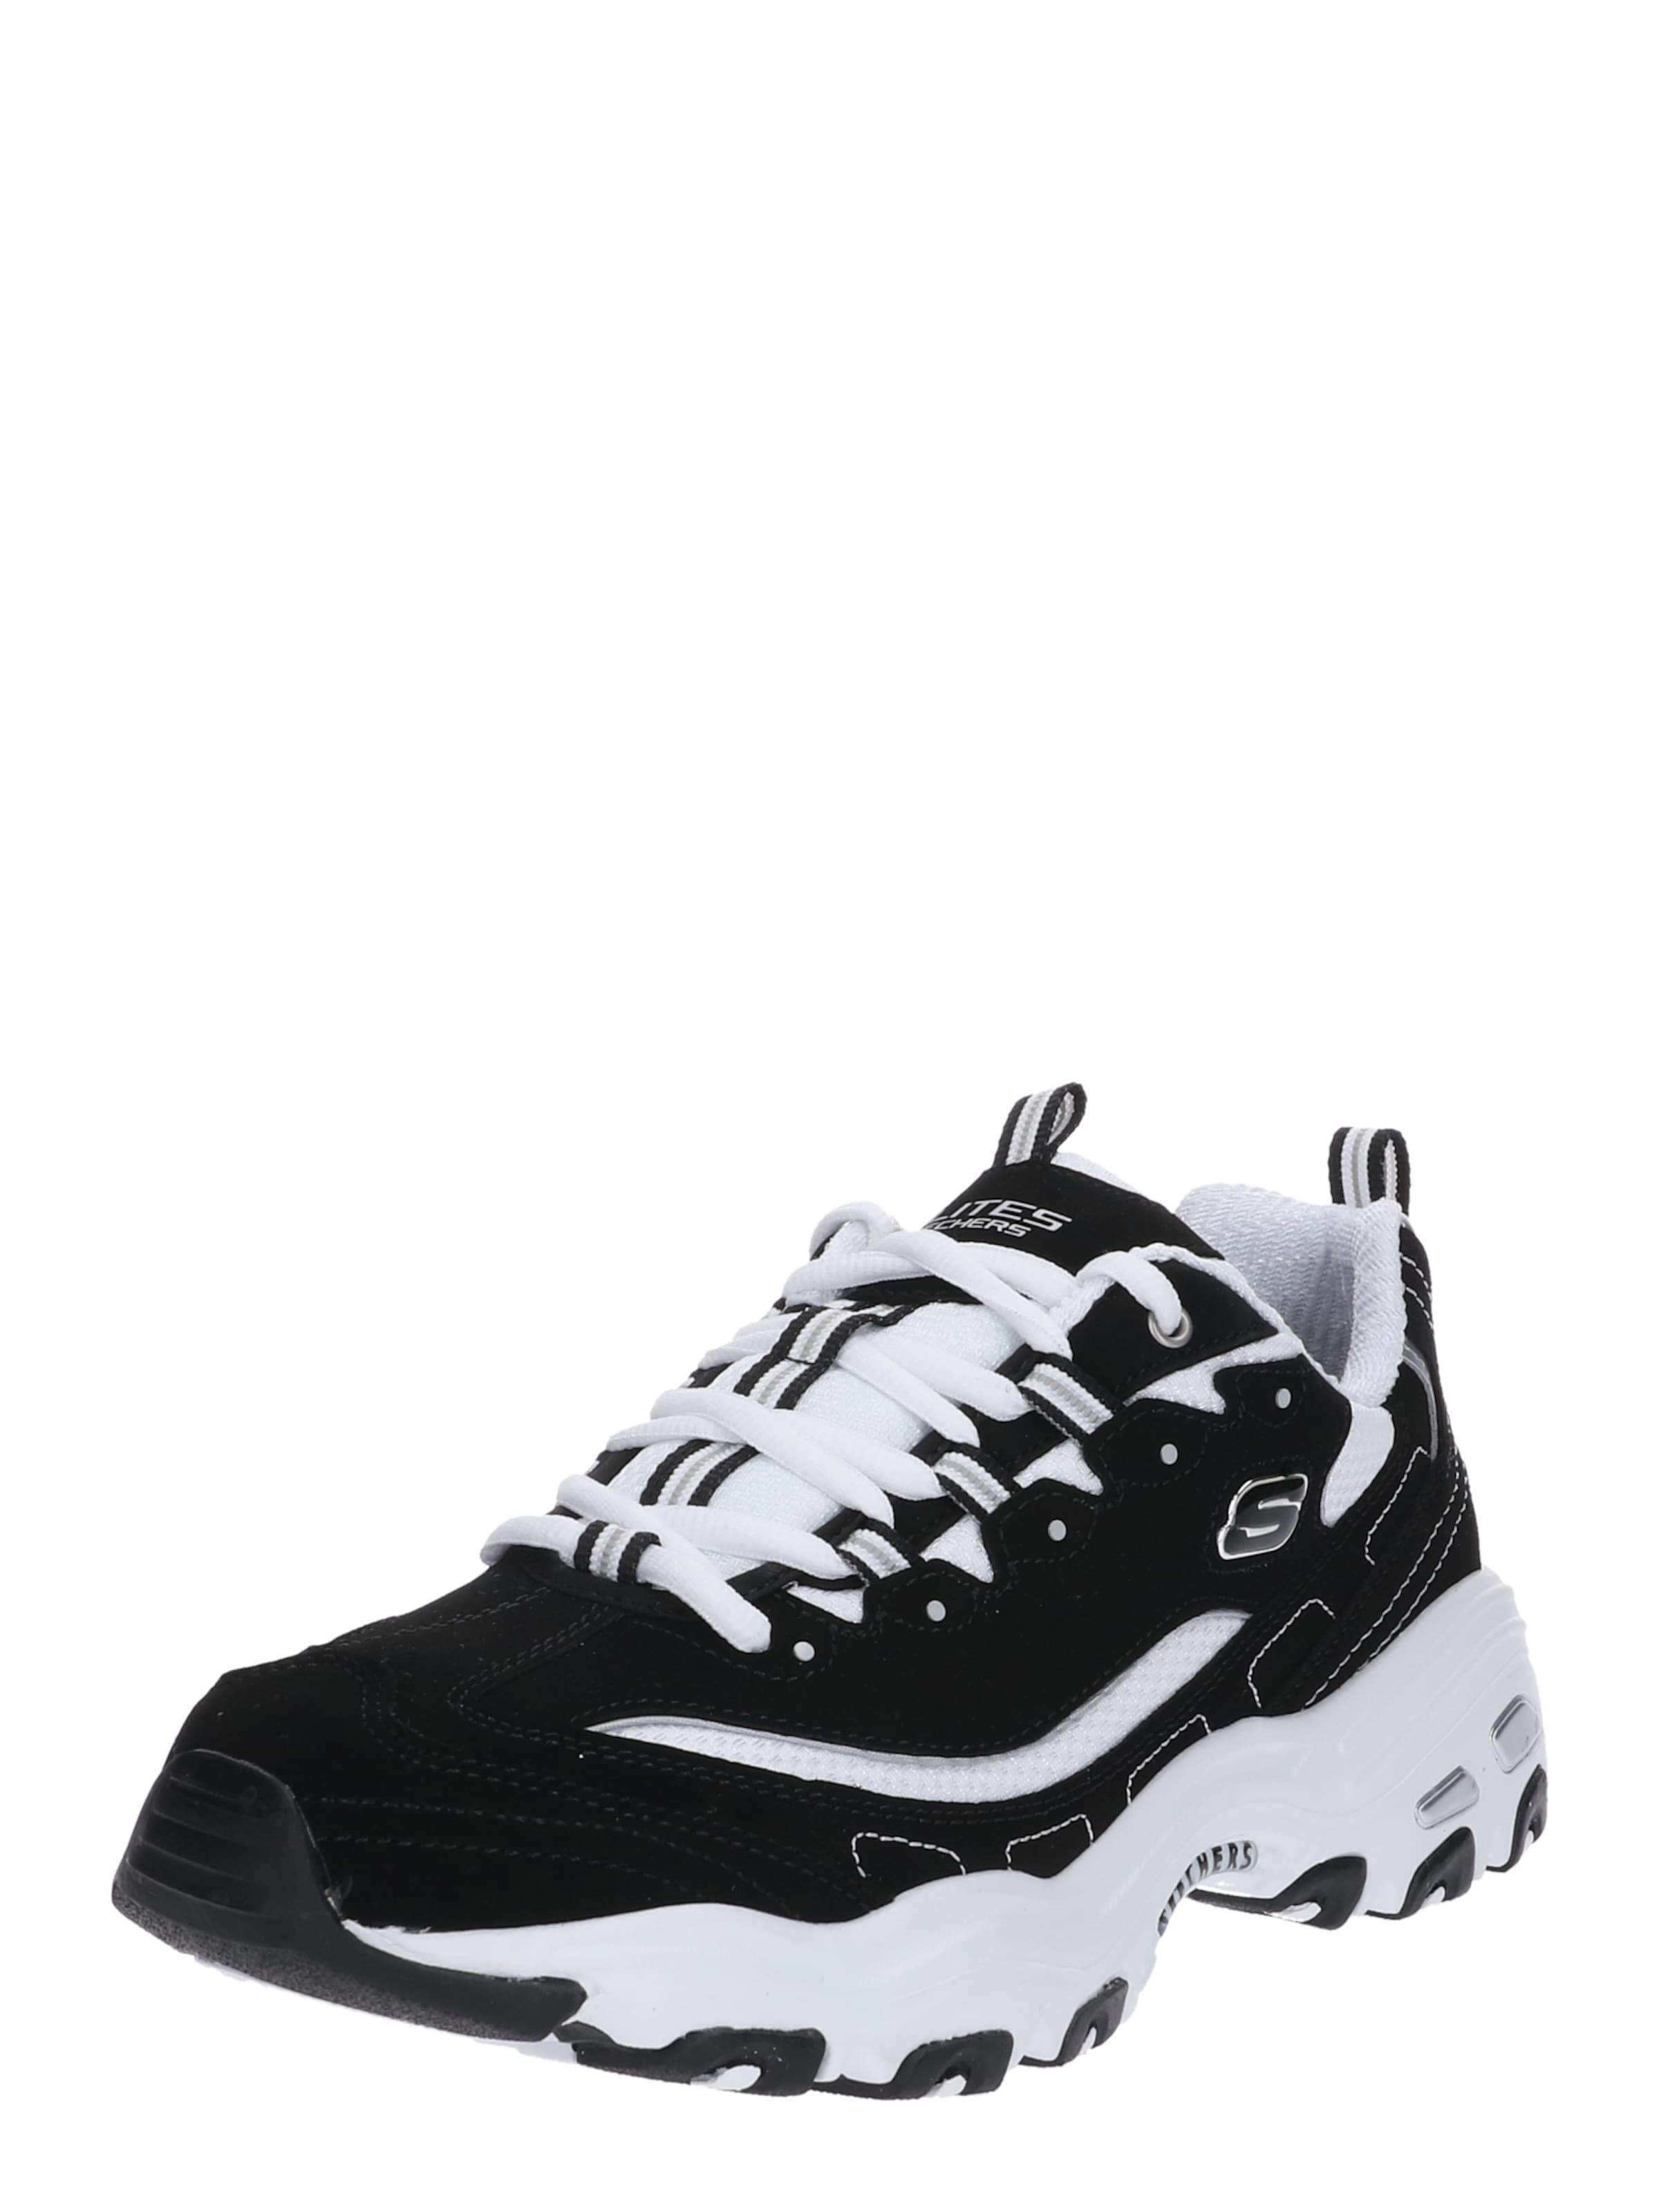 Skechers Sneaker Skechers Skechers Sneaker 'd'lites' SchwarzWeiß 'd'lites' In 'd'lites' SchwarzWeiß Sneaker In UGqSMpzV